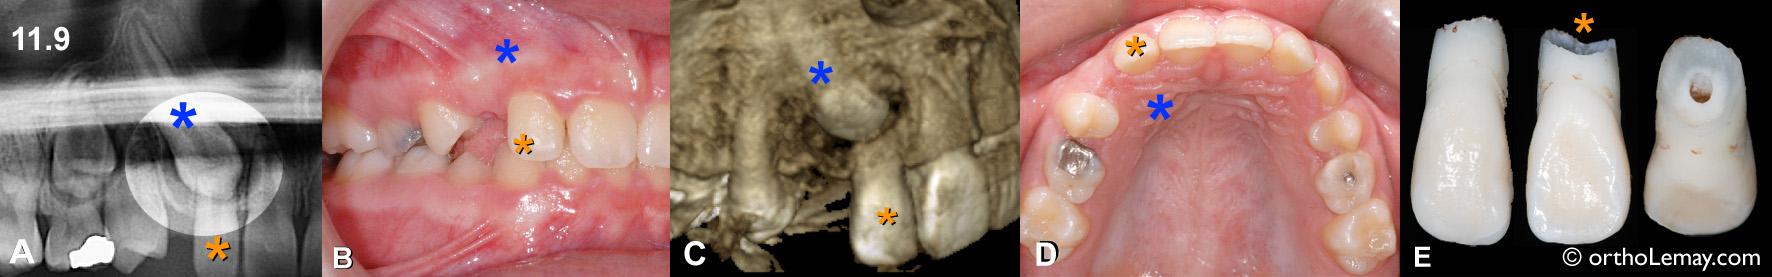 Sévère résorption radiculaire d'incisive latérale supérieure causée par une position ectopique d'une canine incluse chez une fille de 11 ans.